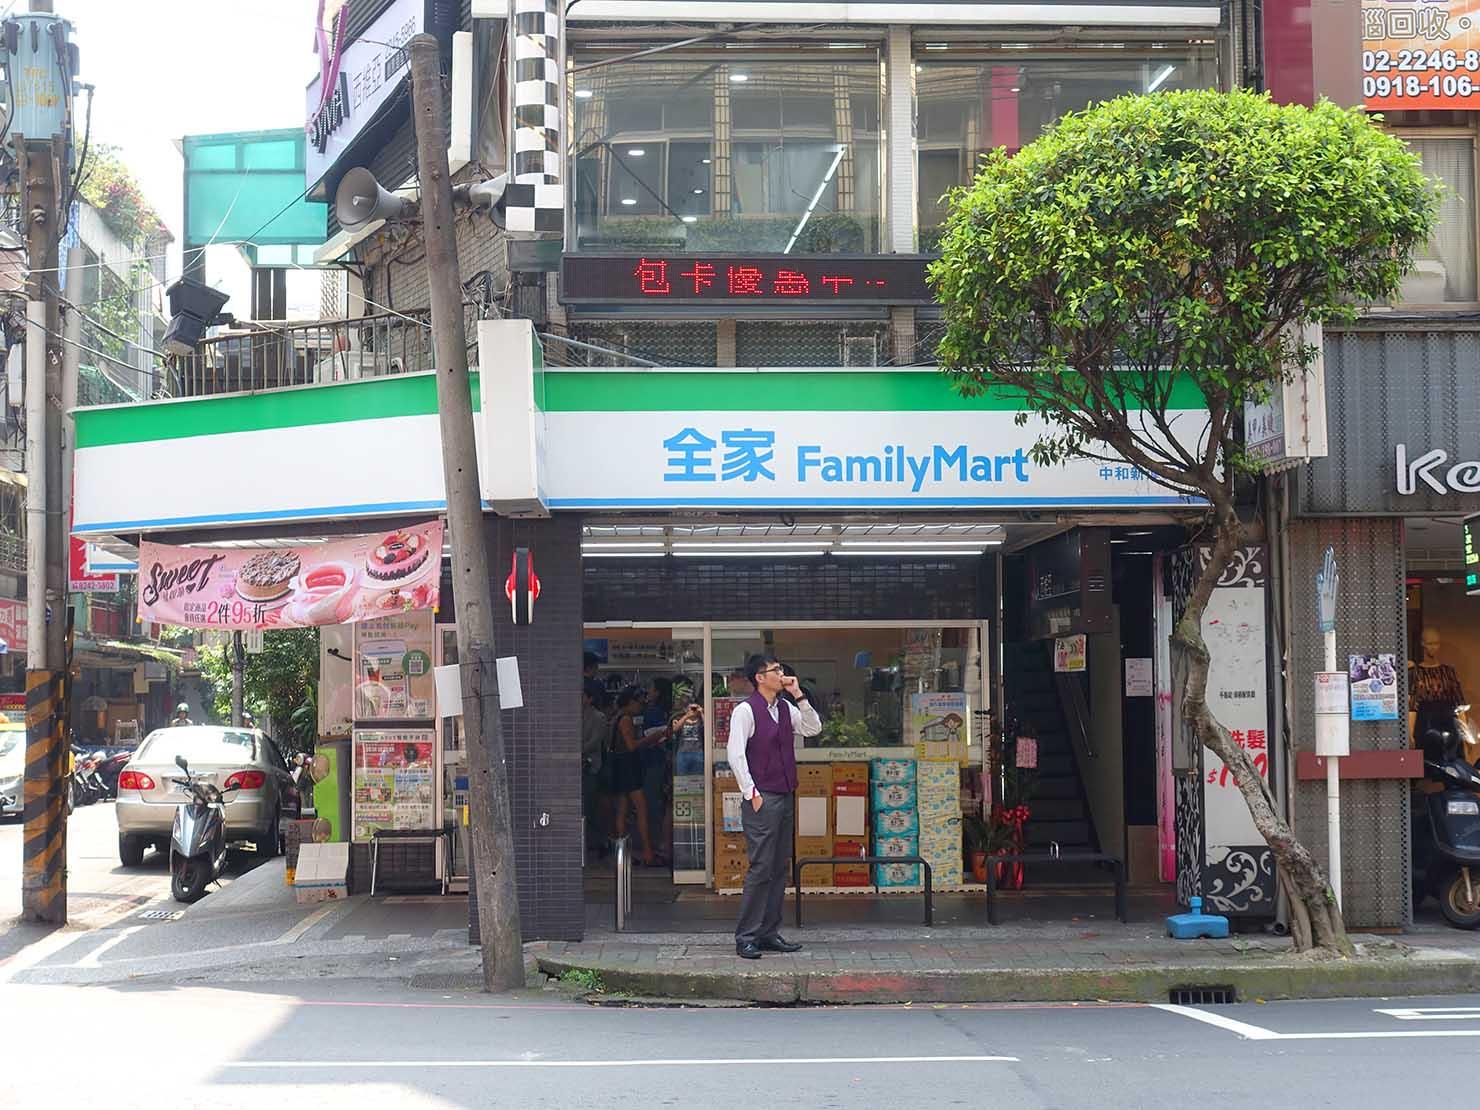 台湾のコンビニ「全家(ファミリーマート)」の外観